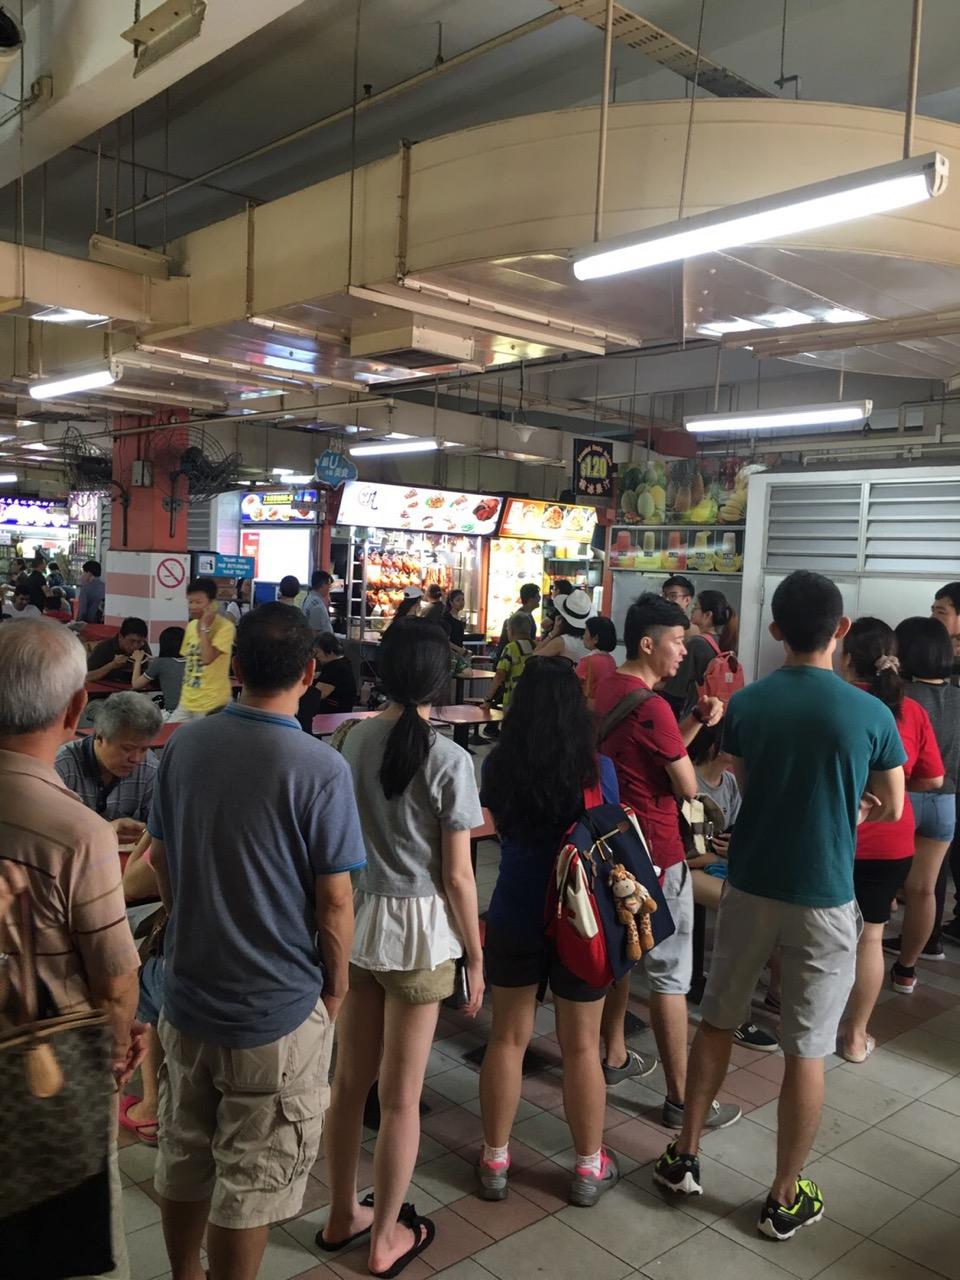 シンガポーリアンの食事情「3食外食生活を助けるホーカーセンター」